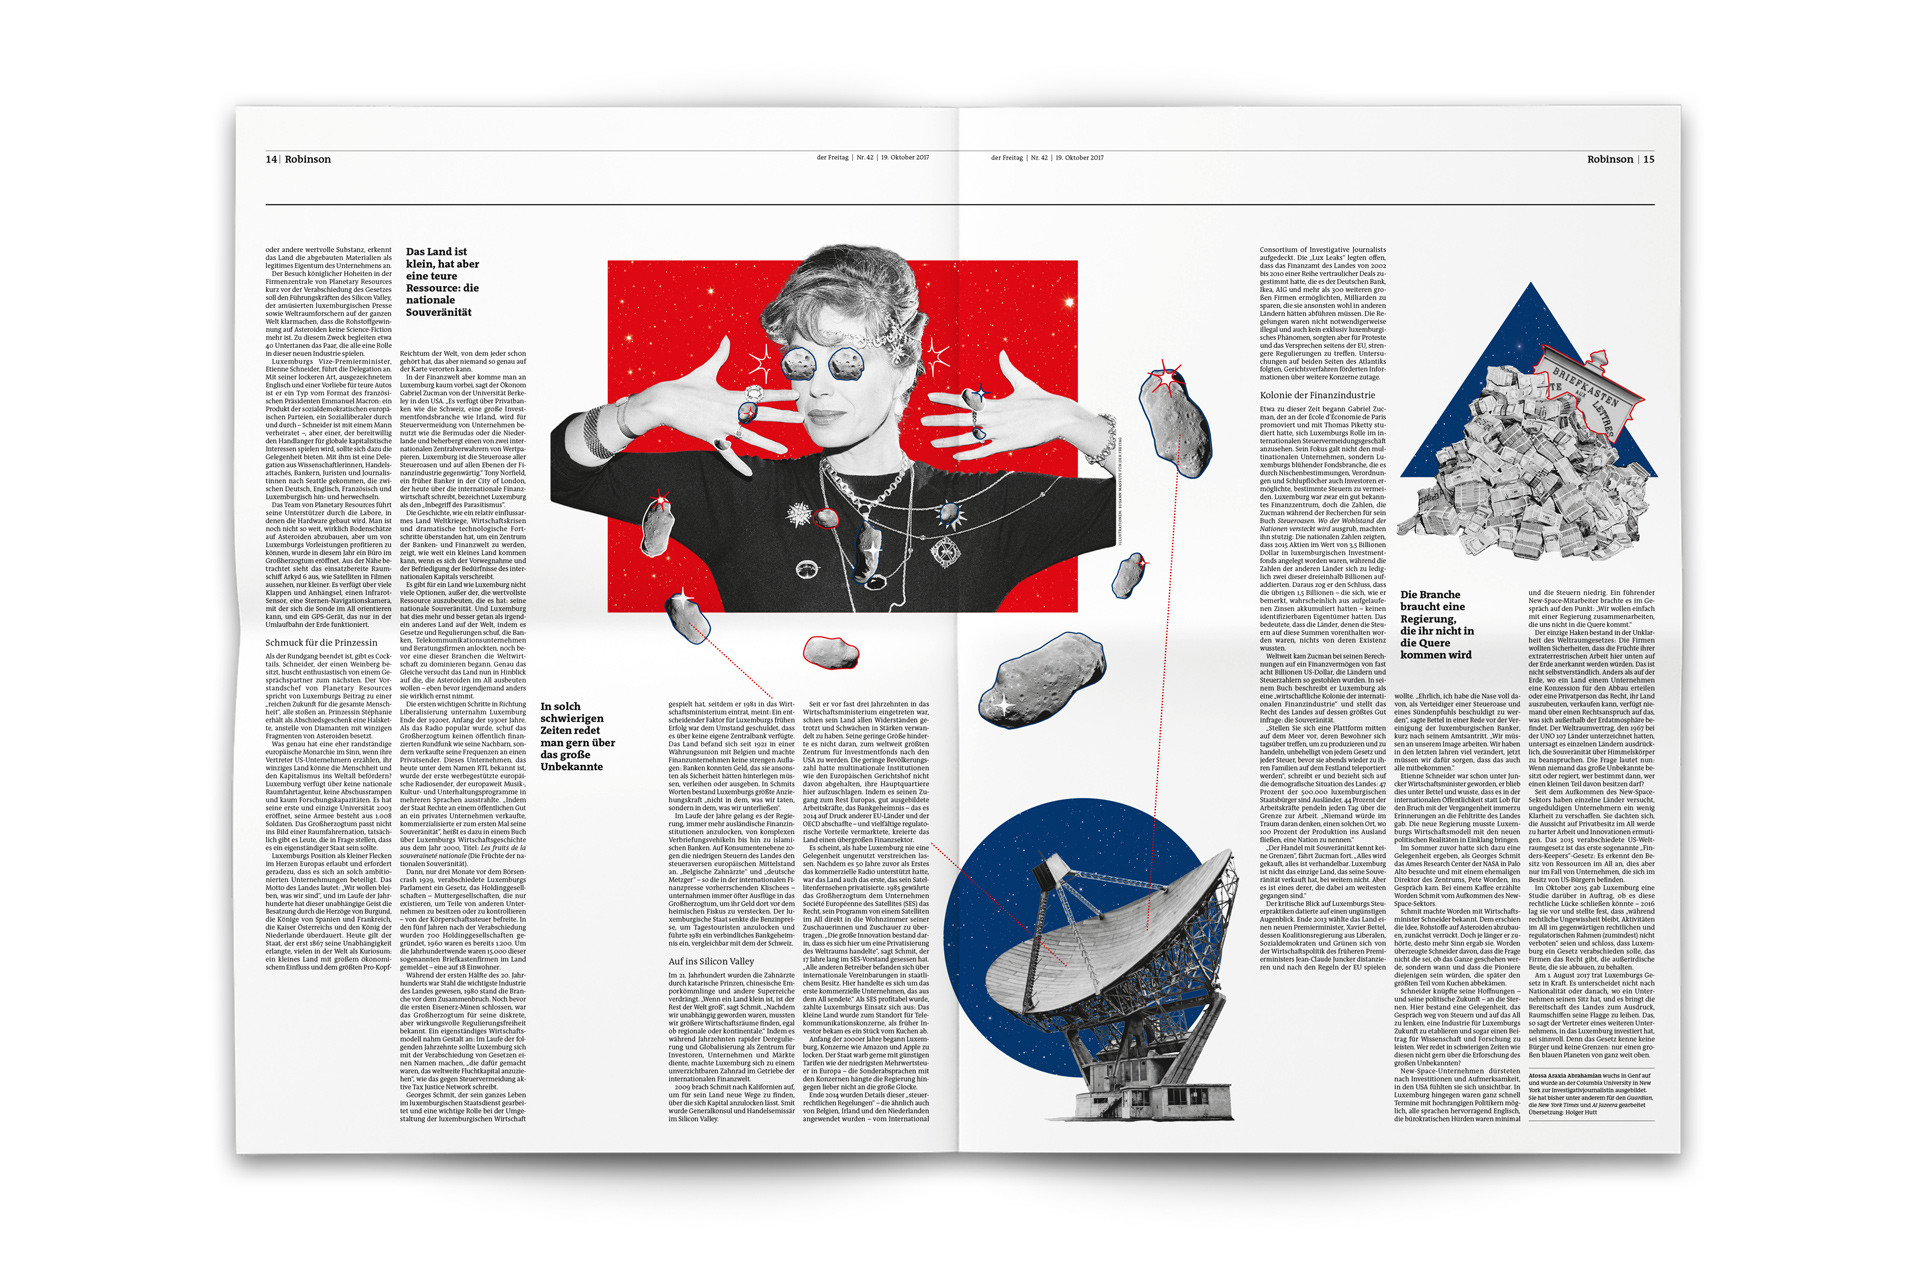 Susann Massute Der Freitag Newspaper